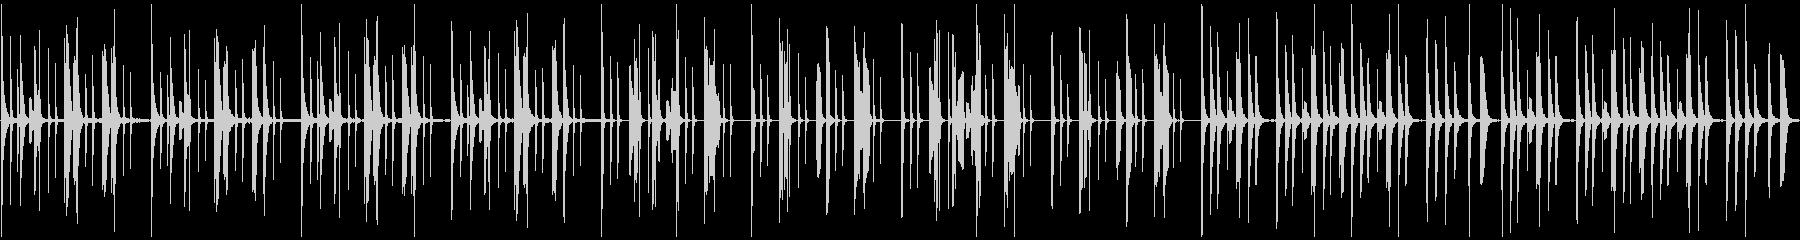 おどけた雰囲気の木琴と笛の楽曲の未再生の波形